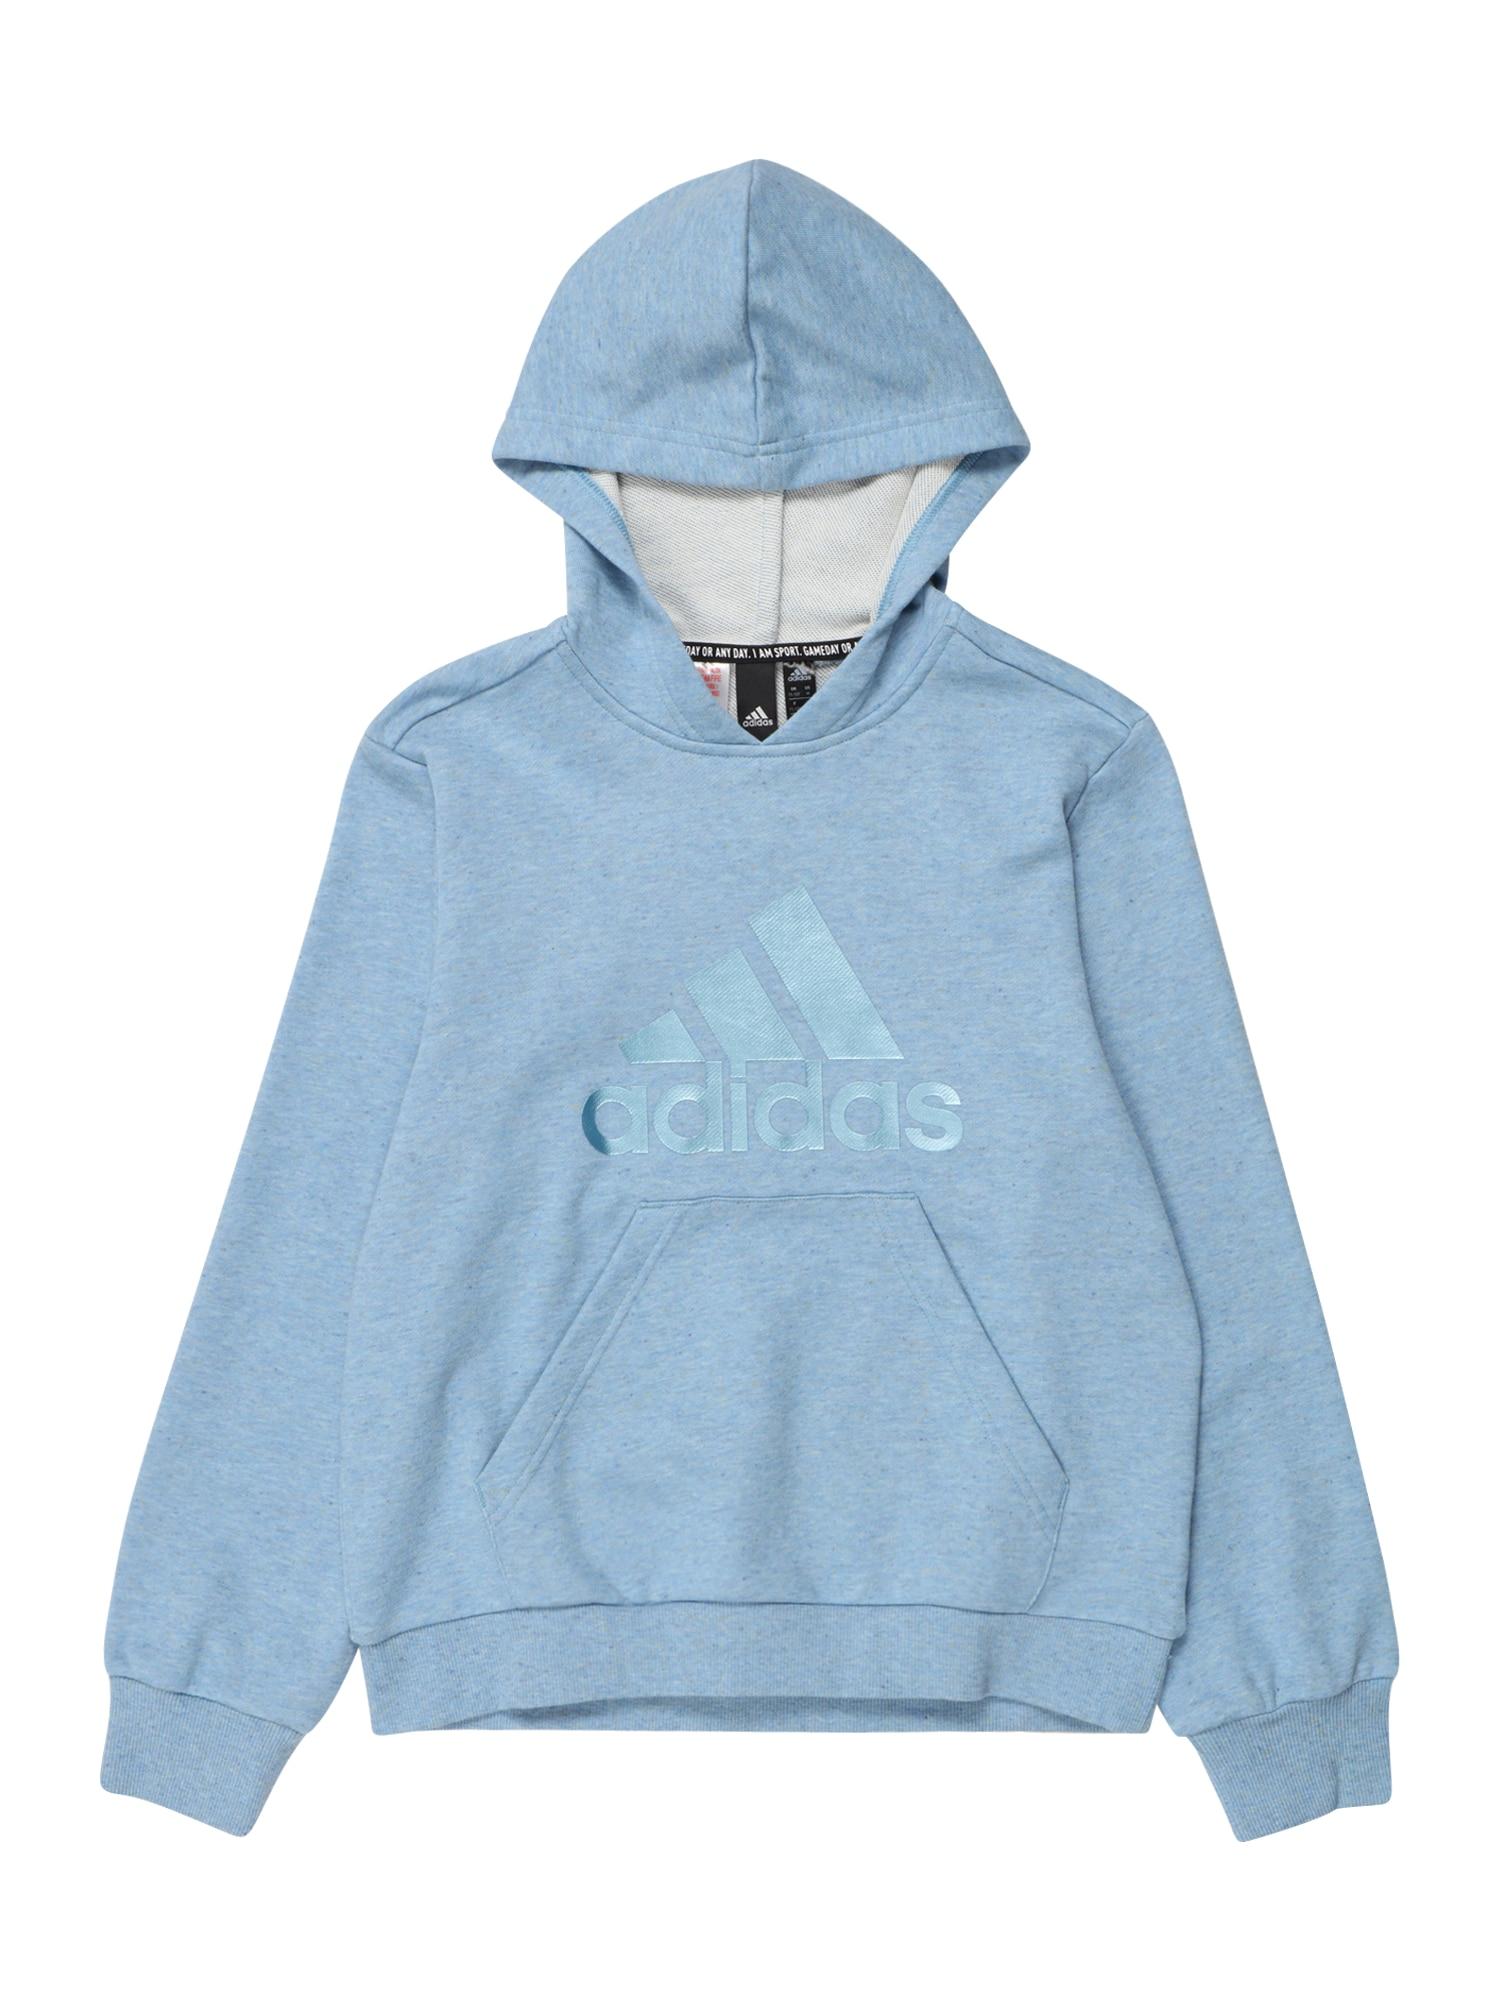 ADIDAS PERFORMANCE Sportinio tipo megztinis mėlyna dūmų spalva